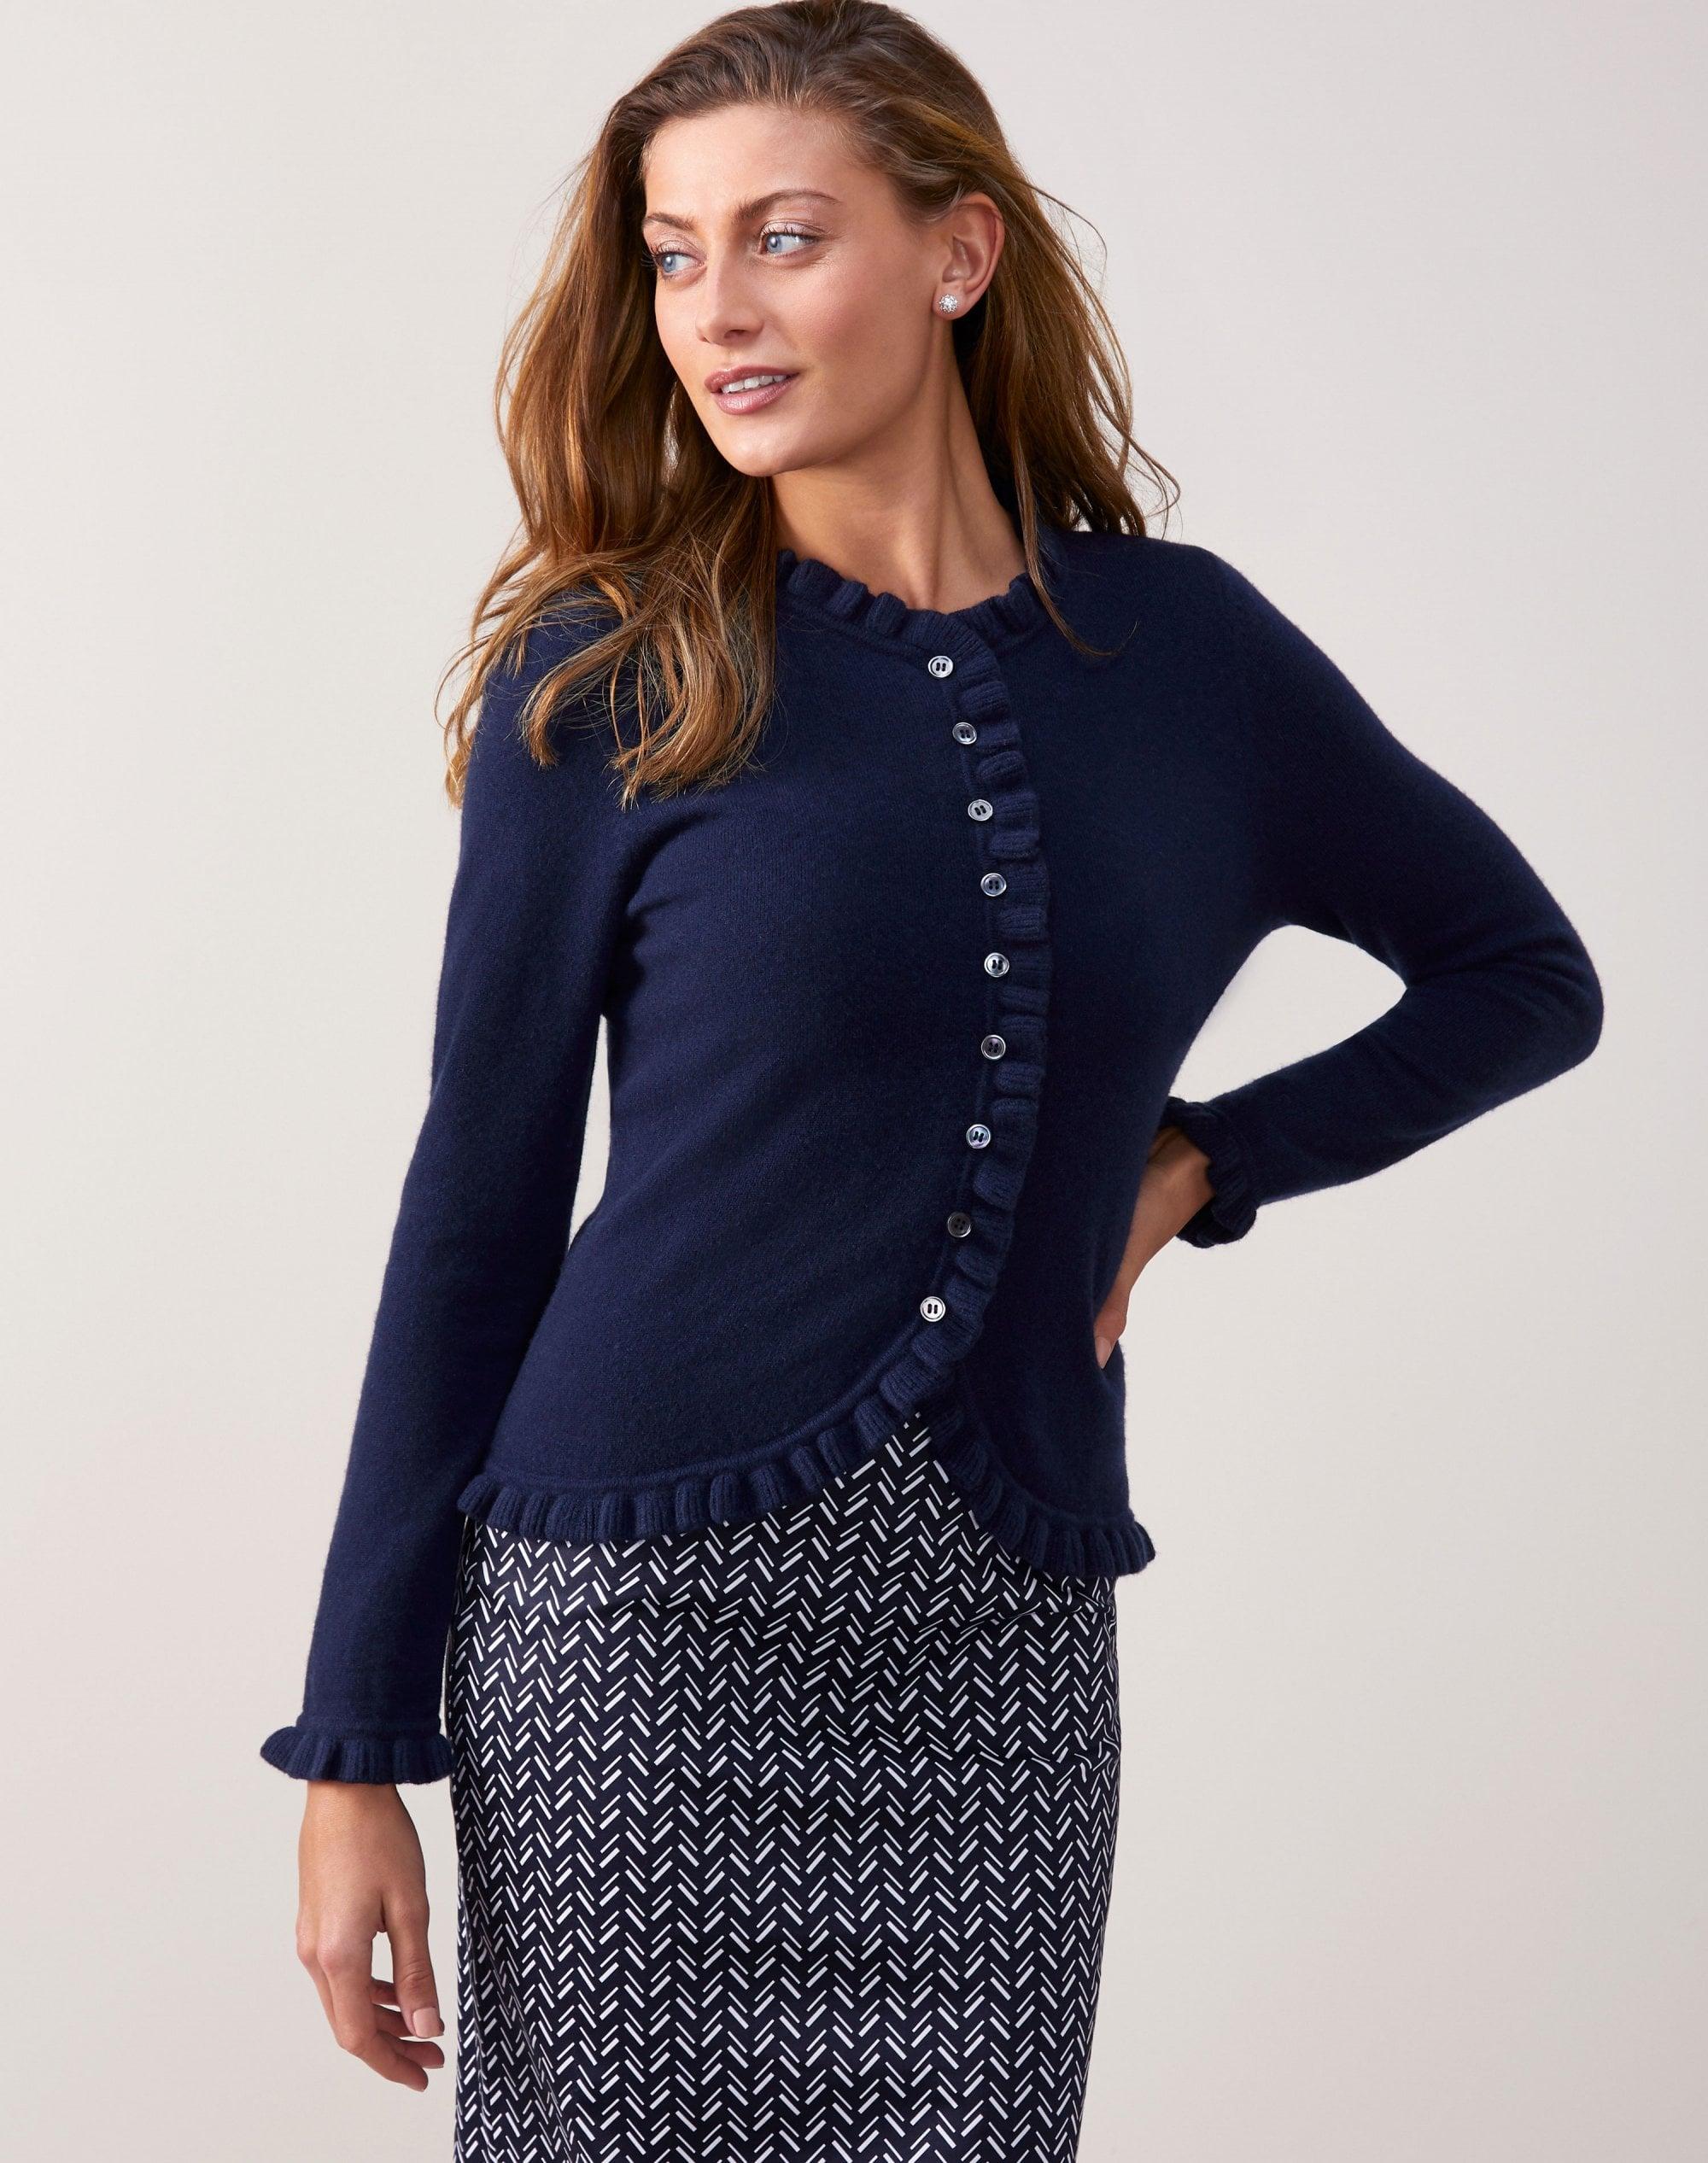 Ăn mặc để thành công: Trang phục phỏng vấn xin việc cho nữ giới - Ảnh 3.